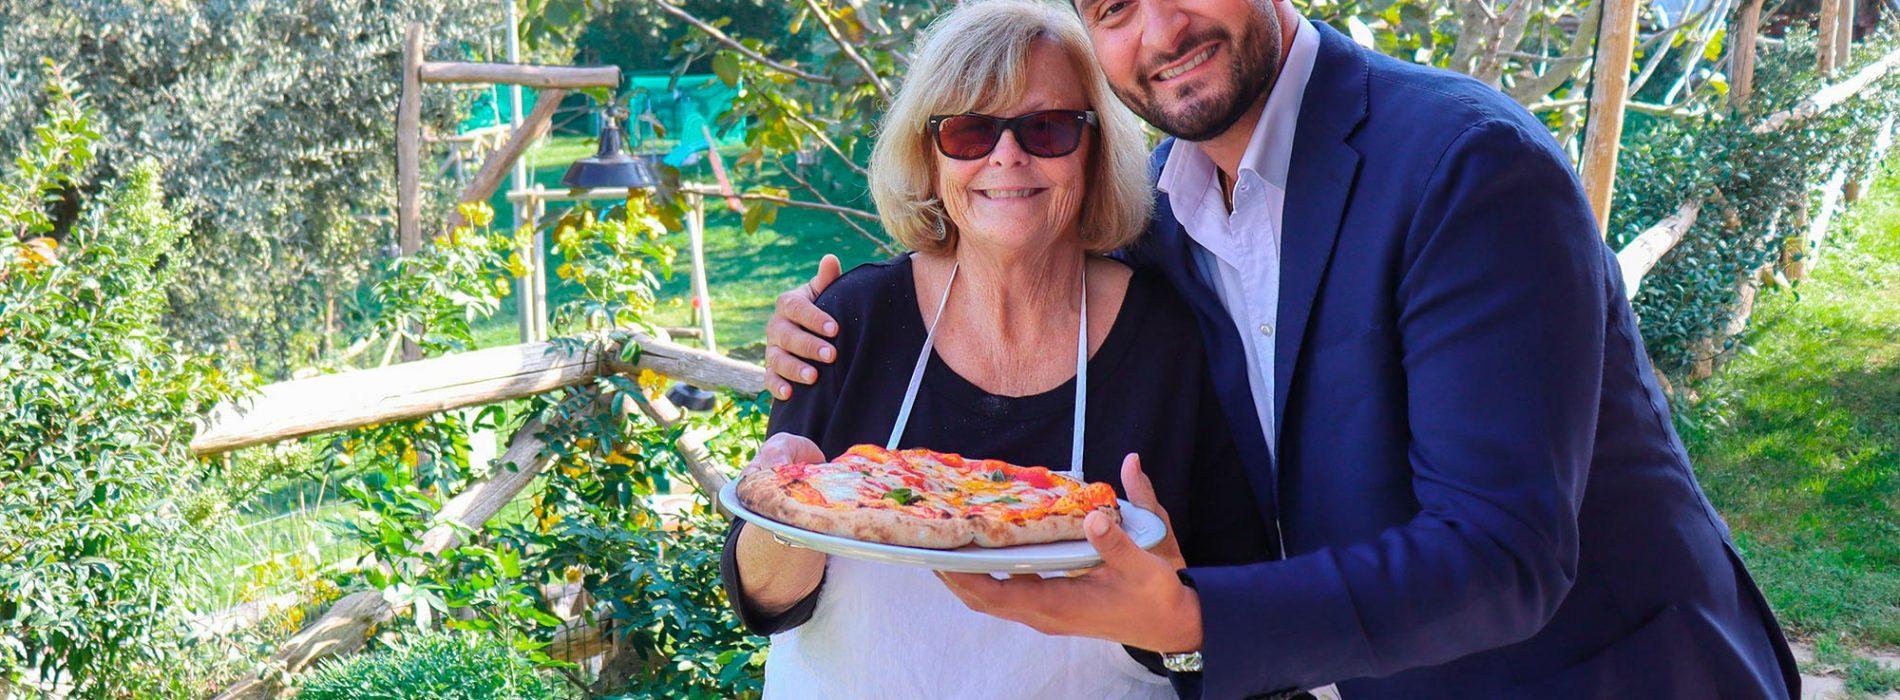 Italian Food Tour Sorrento from Naples